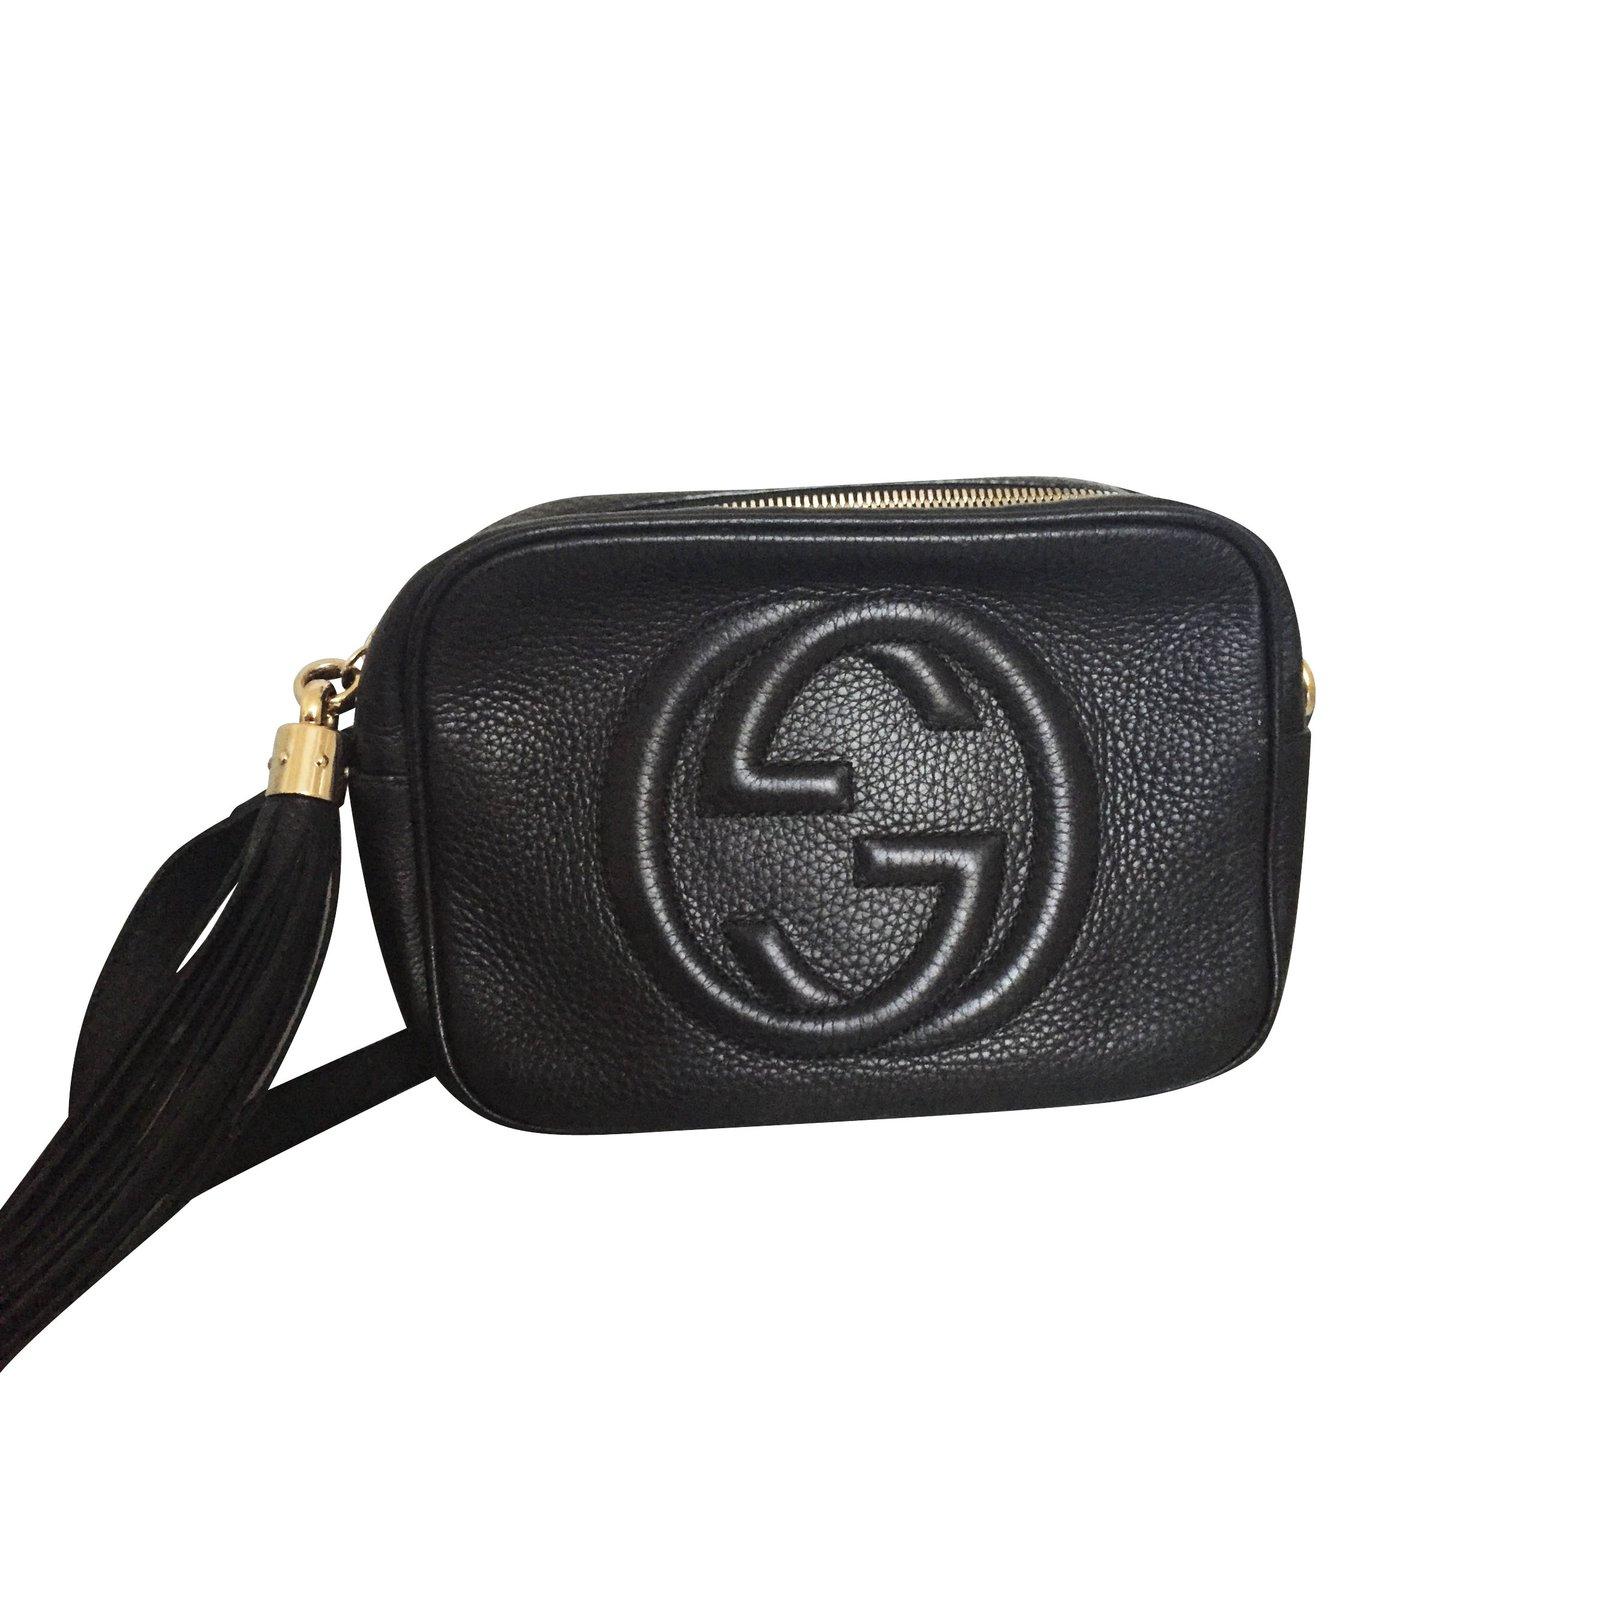 Sacs à main Gucci Disco Bag Soho Cuir Noir Cuir Noir ref.5799 - Joli ... 4fca7556b9b